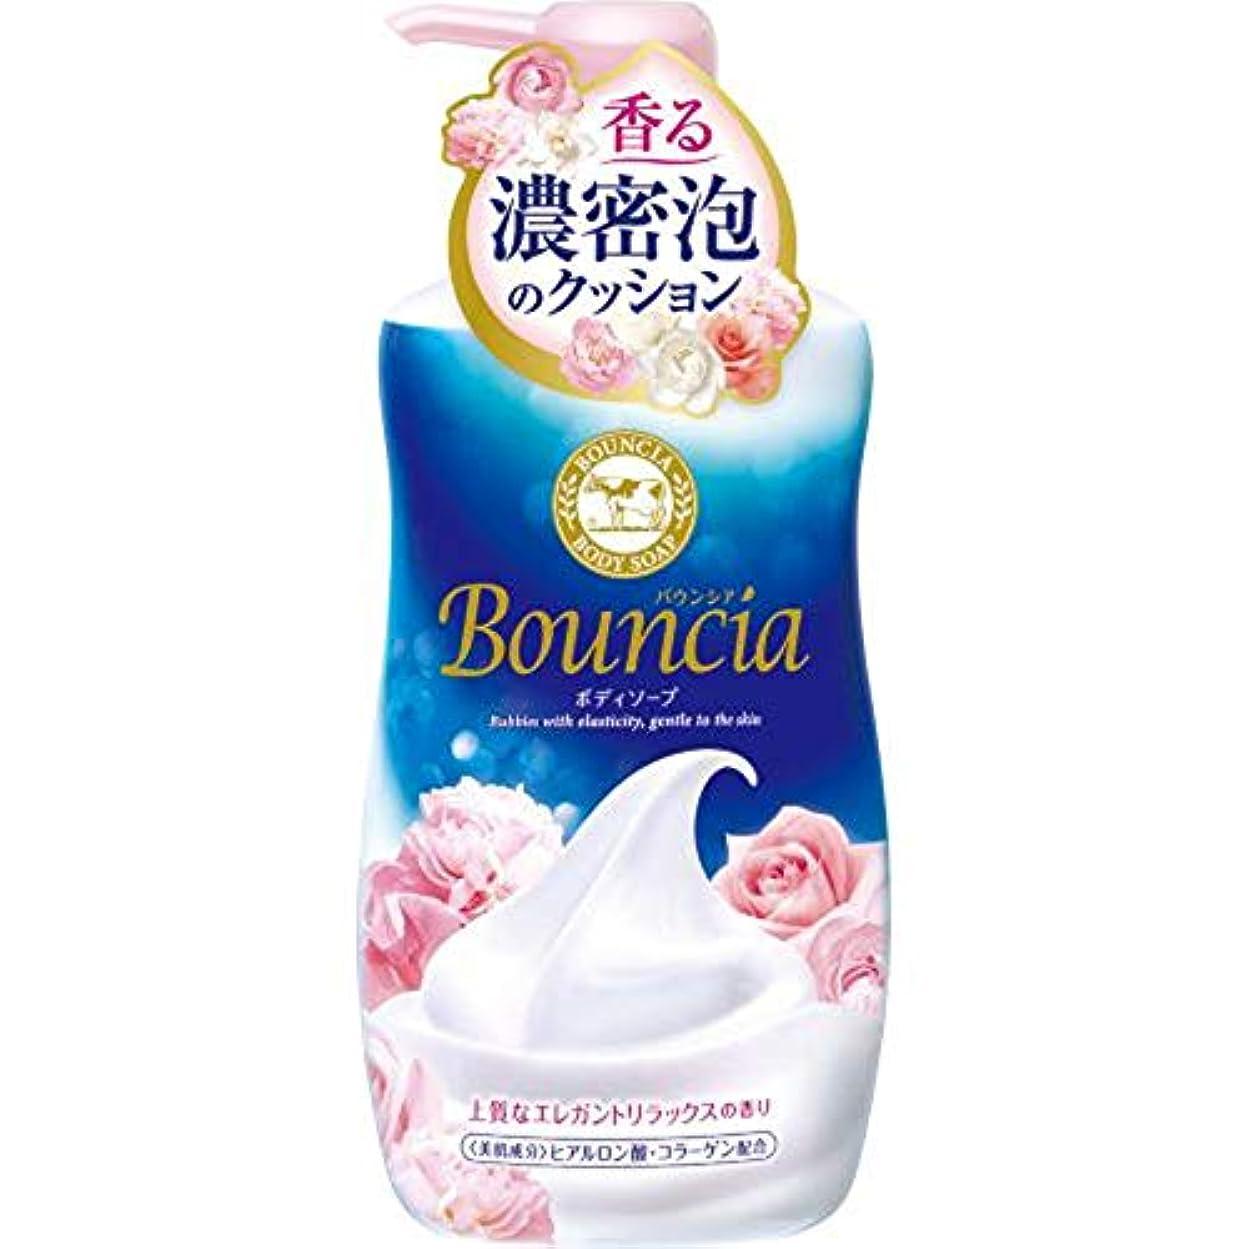 温度リベラル行列バウンシア ボディソープ エレガントリラックスの香り ポンプ 550mL